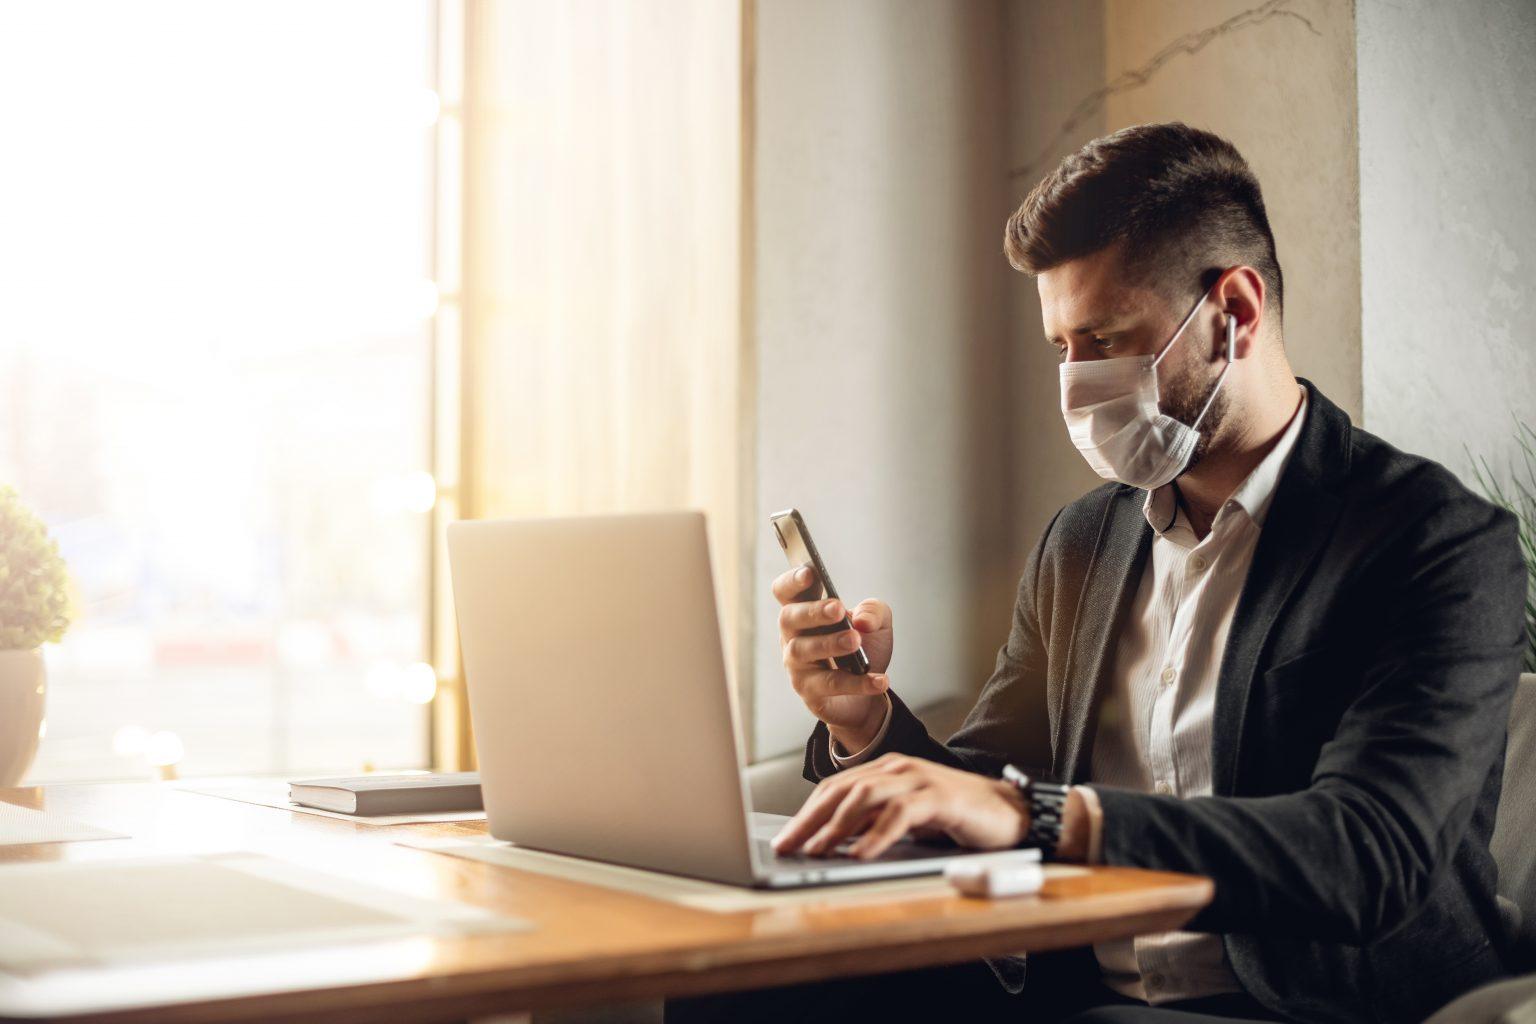 Mann mit Mundschutz, Anzug und Smartphone vor Laptop